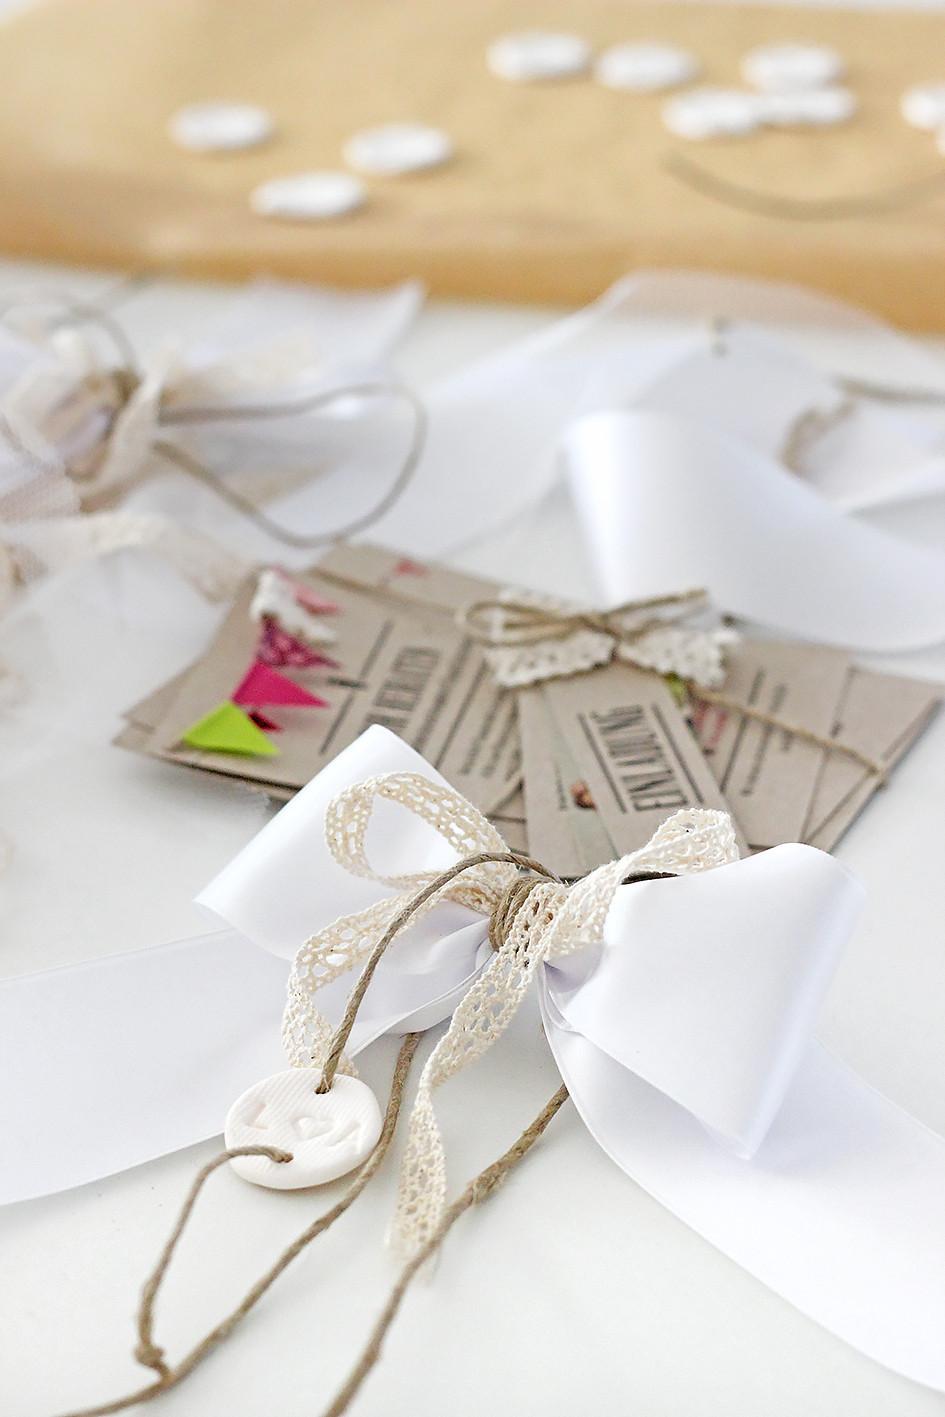 Schleifen Für Auto Hochzeit  Wunderschöne DIY Autoschleifen für Hochzeit Anleitung